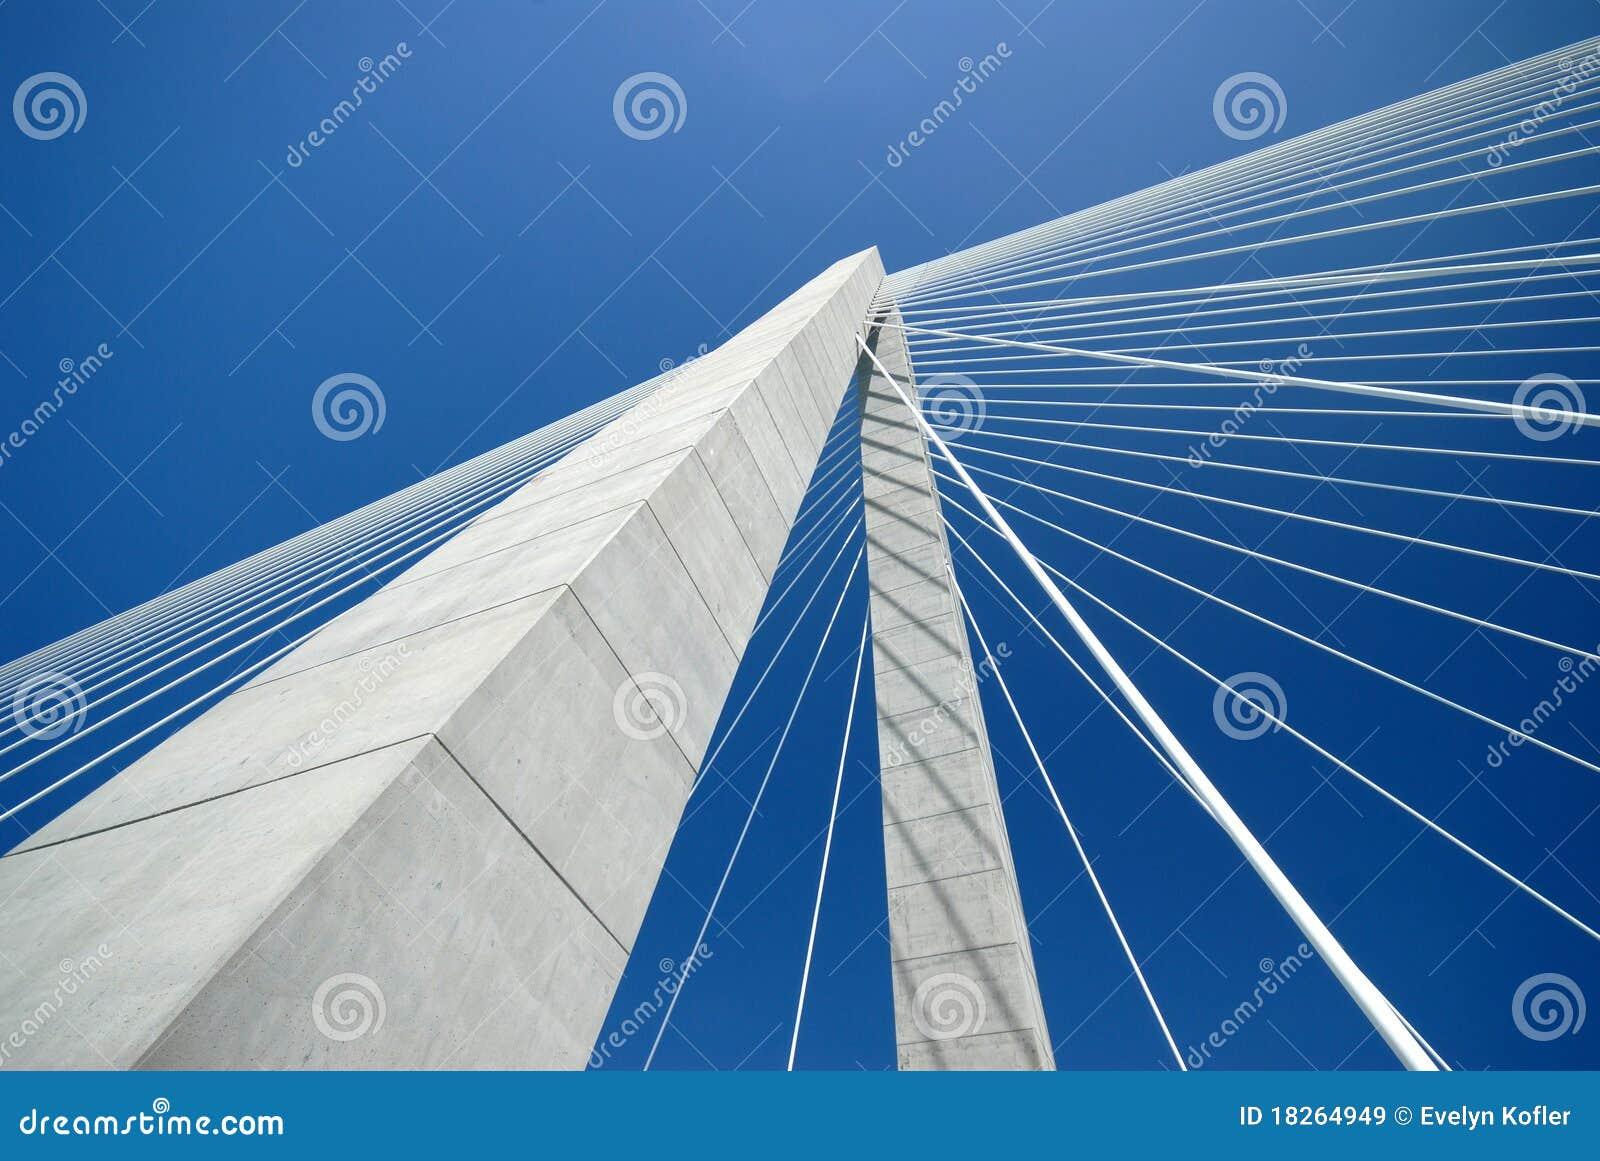 桥梁详细资料